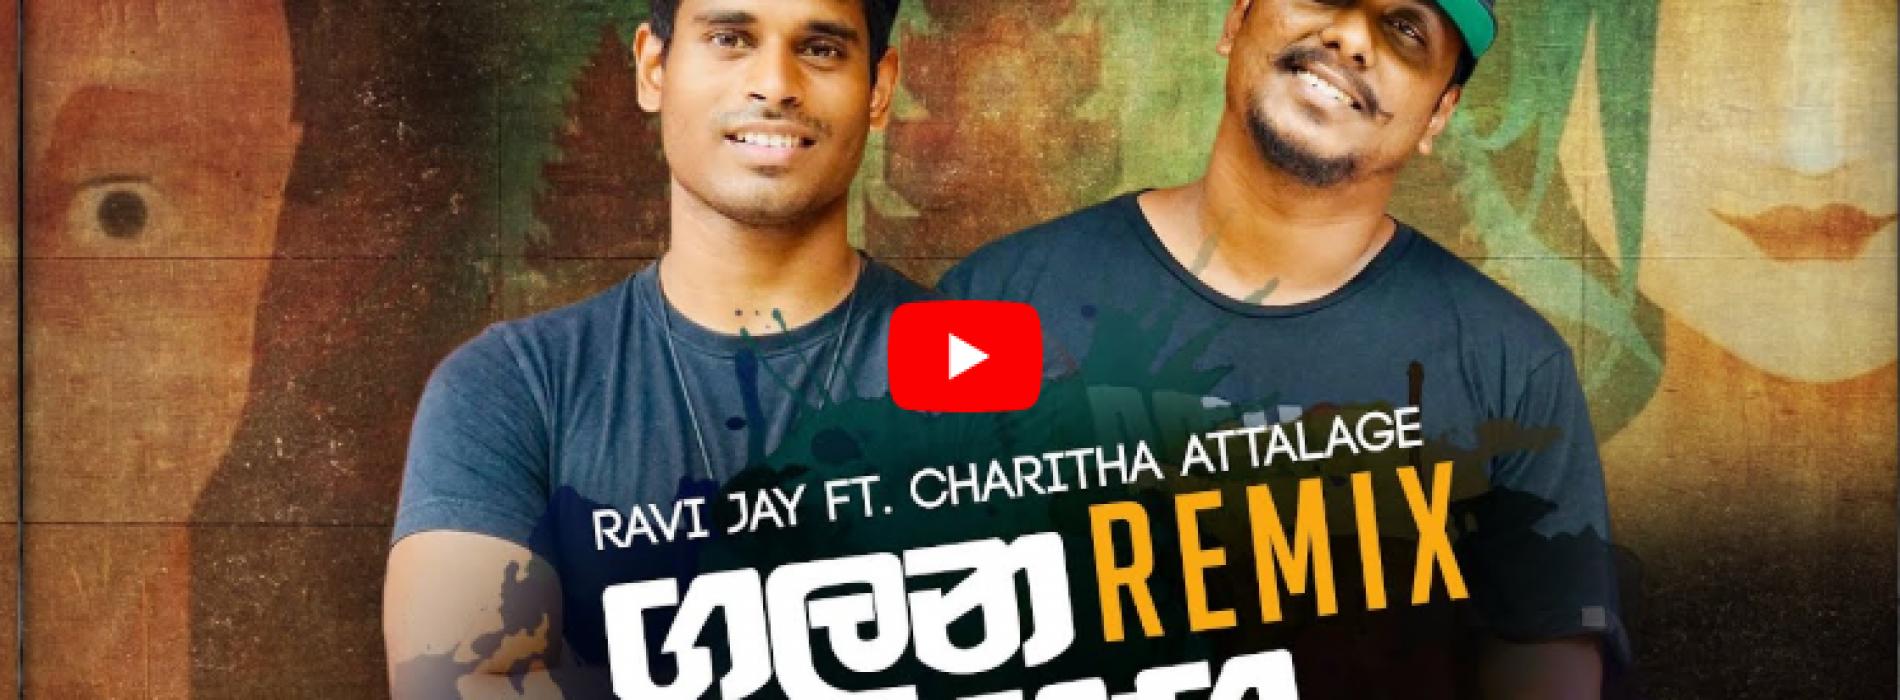 Galana Ganga – Ravi Jay Ft Charitha Attalage (Zack N Remix)